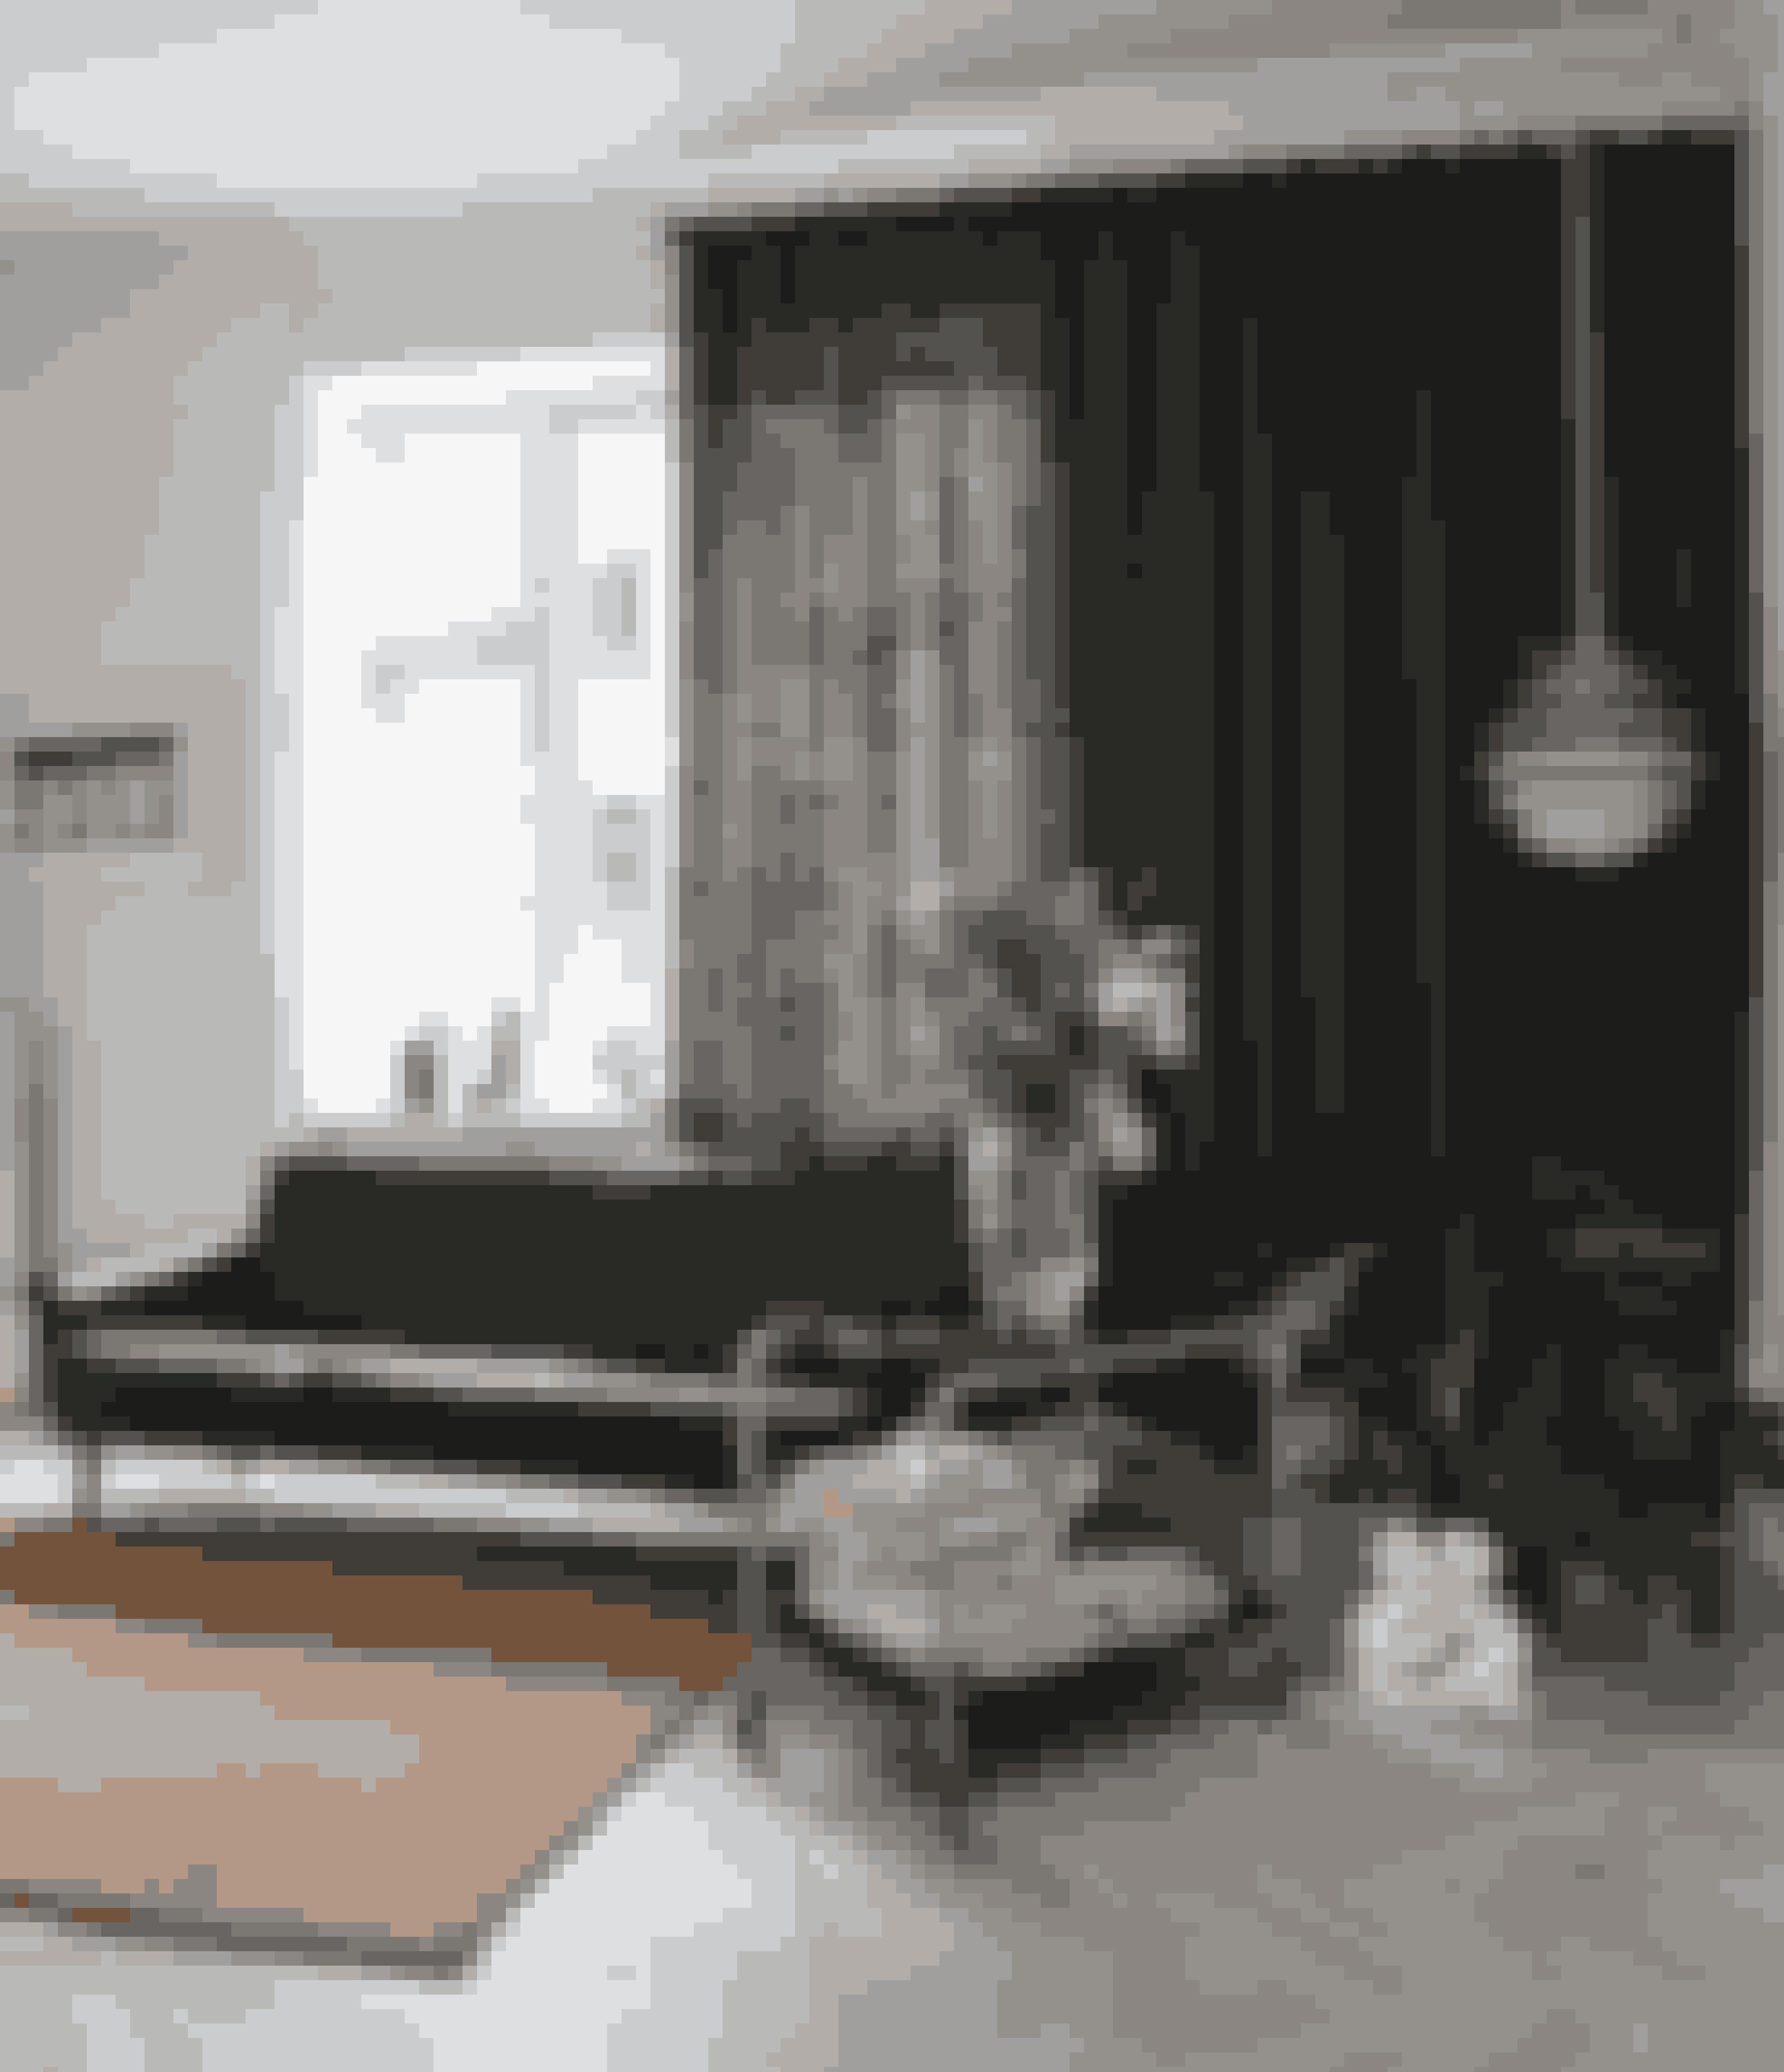 Hæng gulvlange gardiner op på den ene side af vinduet, og lad gardinstangen gå helt ind til væggen. Det giver en rolig flade. Samtidig forbedrer tekstiler lyden i højloftede rum. Sille har selv syet gardinet af olivengrønt hør. Sofaen har tilhørt Silles bedsteforældre, den gamle PH-lampe tilhører en af Silles venner, og gulvtæppet er fra Hay. Skulpturen er en gipsafstøbning fra Rudolph Tegners Museum & Statuepark.